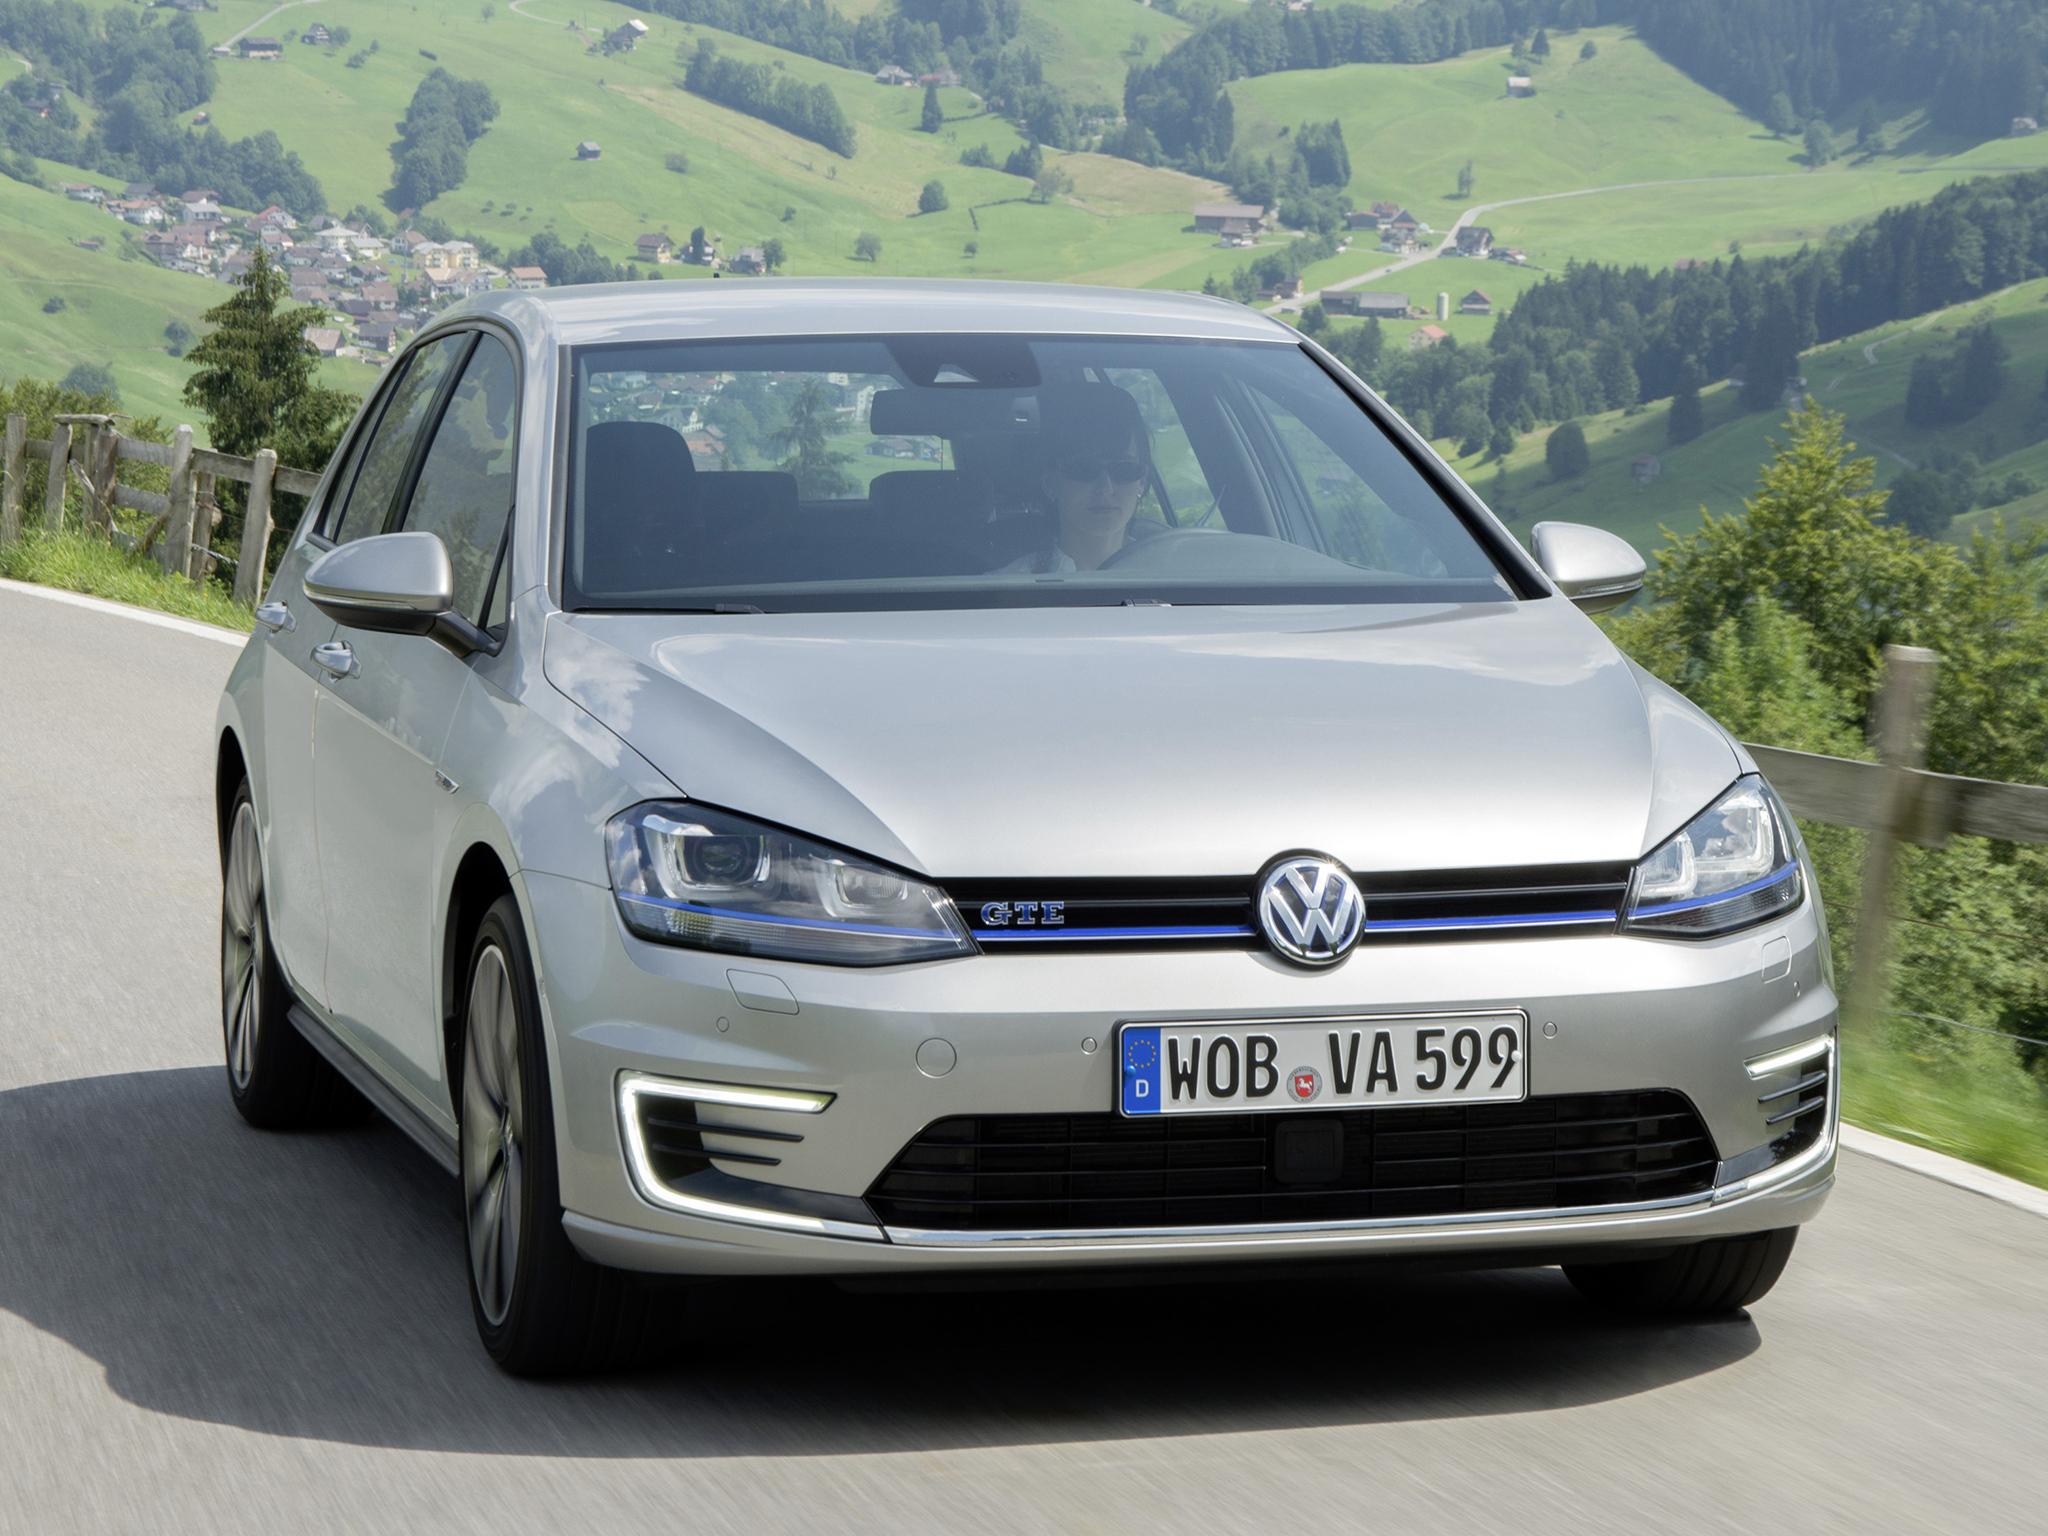 volkswagen-golf-gte-autoverkopen-2016-autovisie-nl